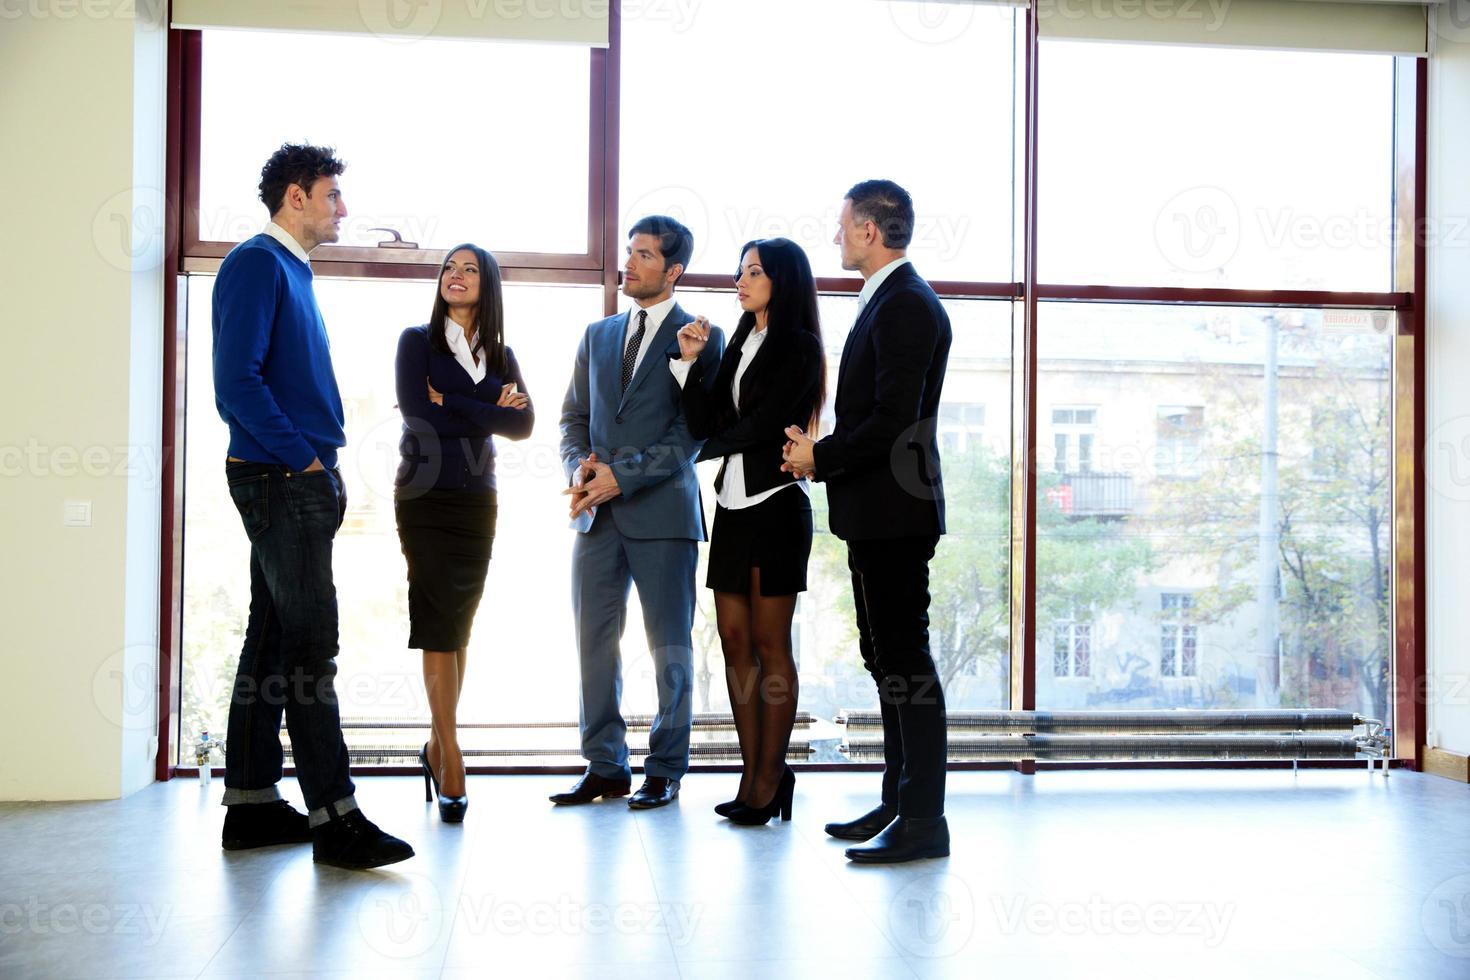 mensen uit het bedrijfsleven praten op kantoor foto